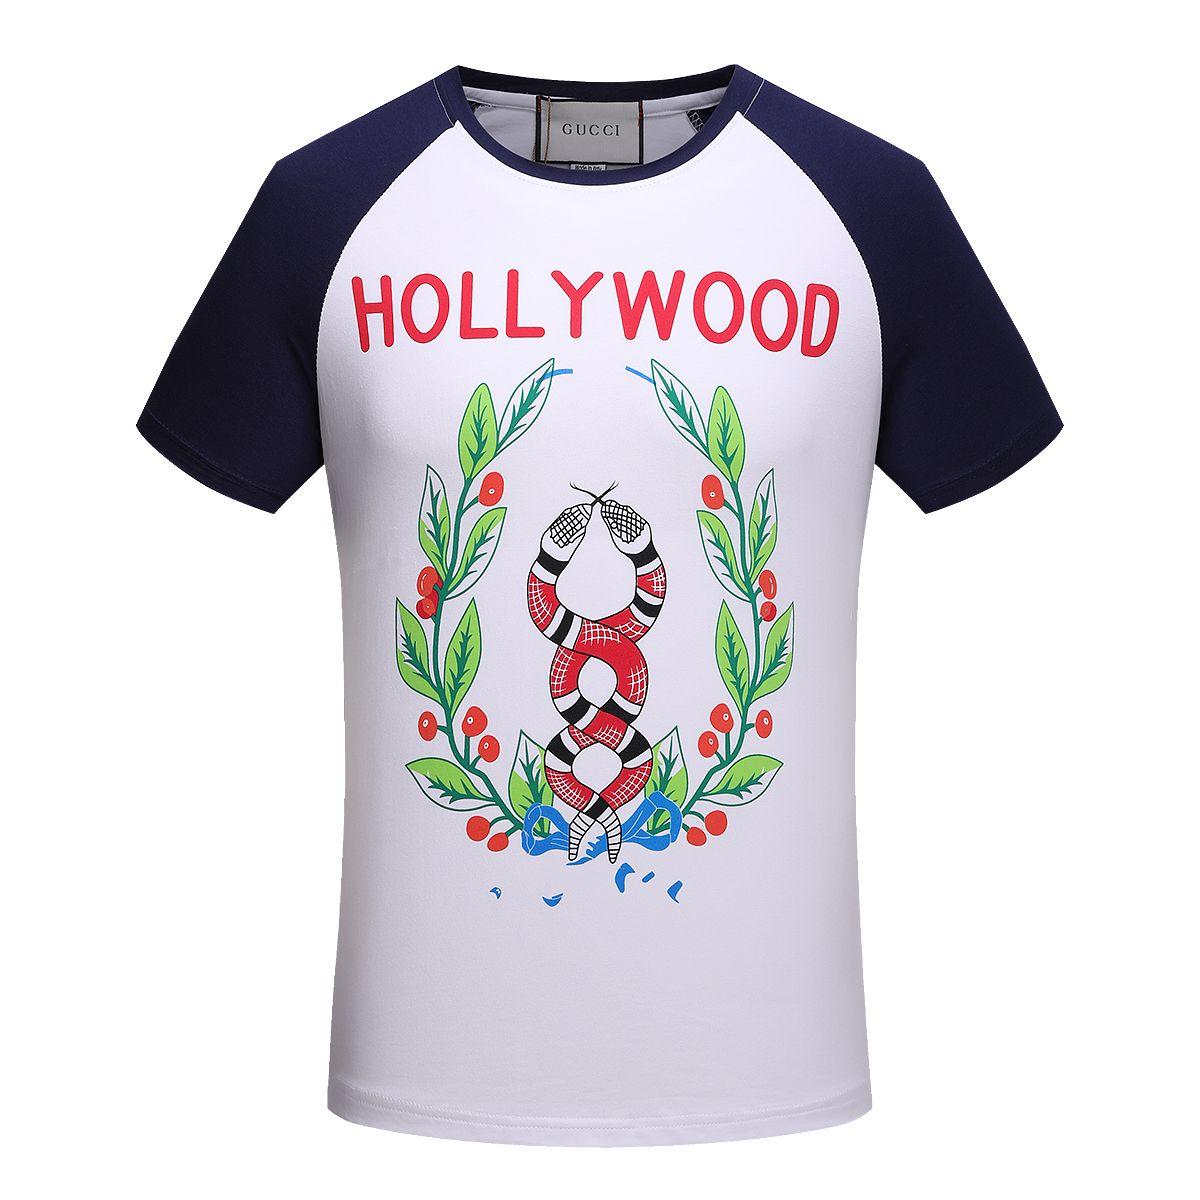 9f205f98daf Replica GUCCI T Shirt 2018 For Men Size M-XXXL ID  ID 37832